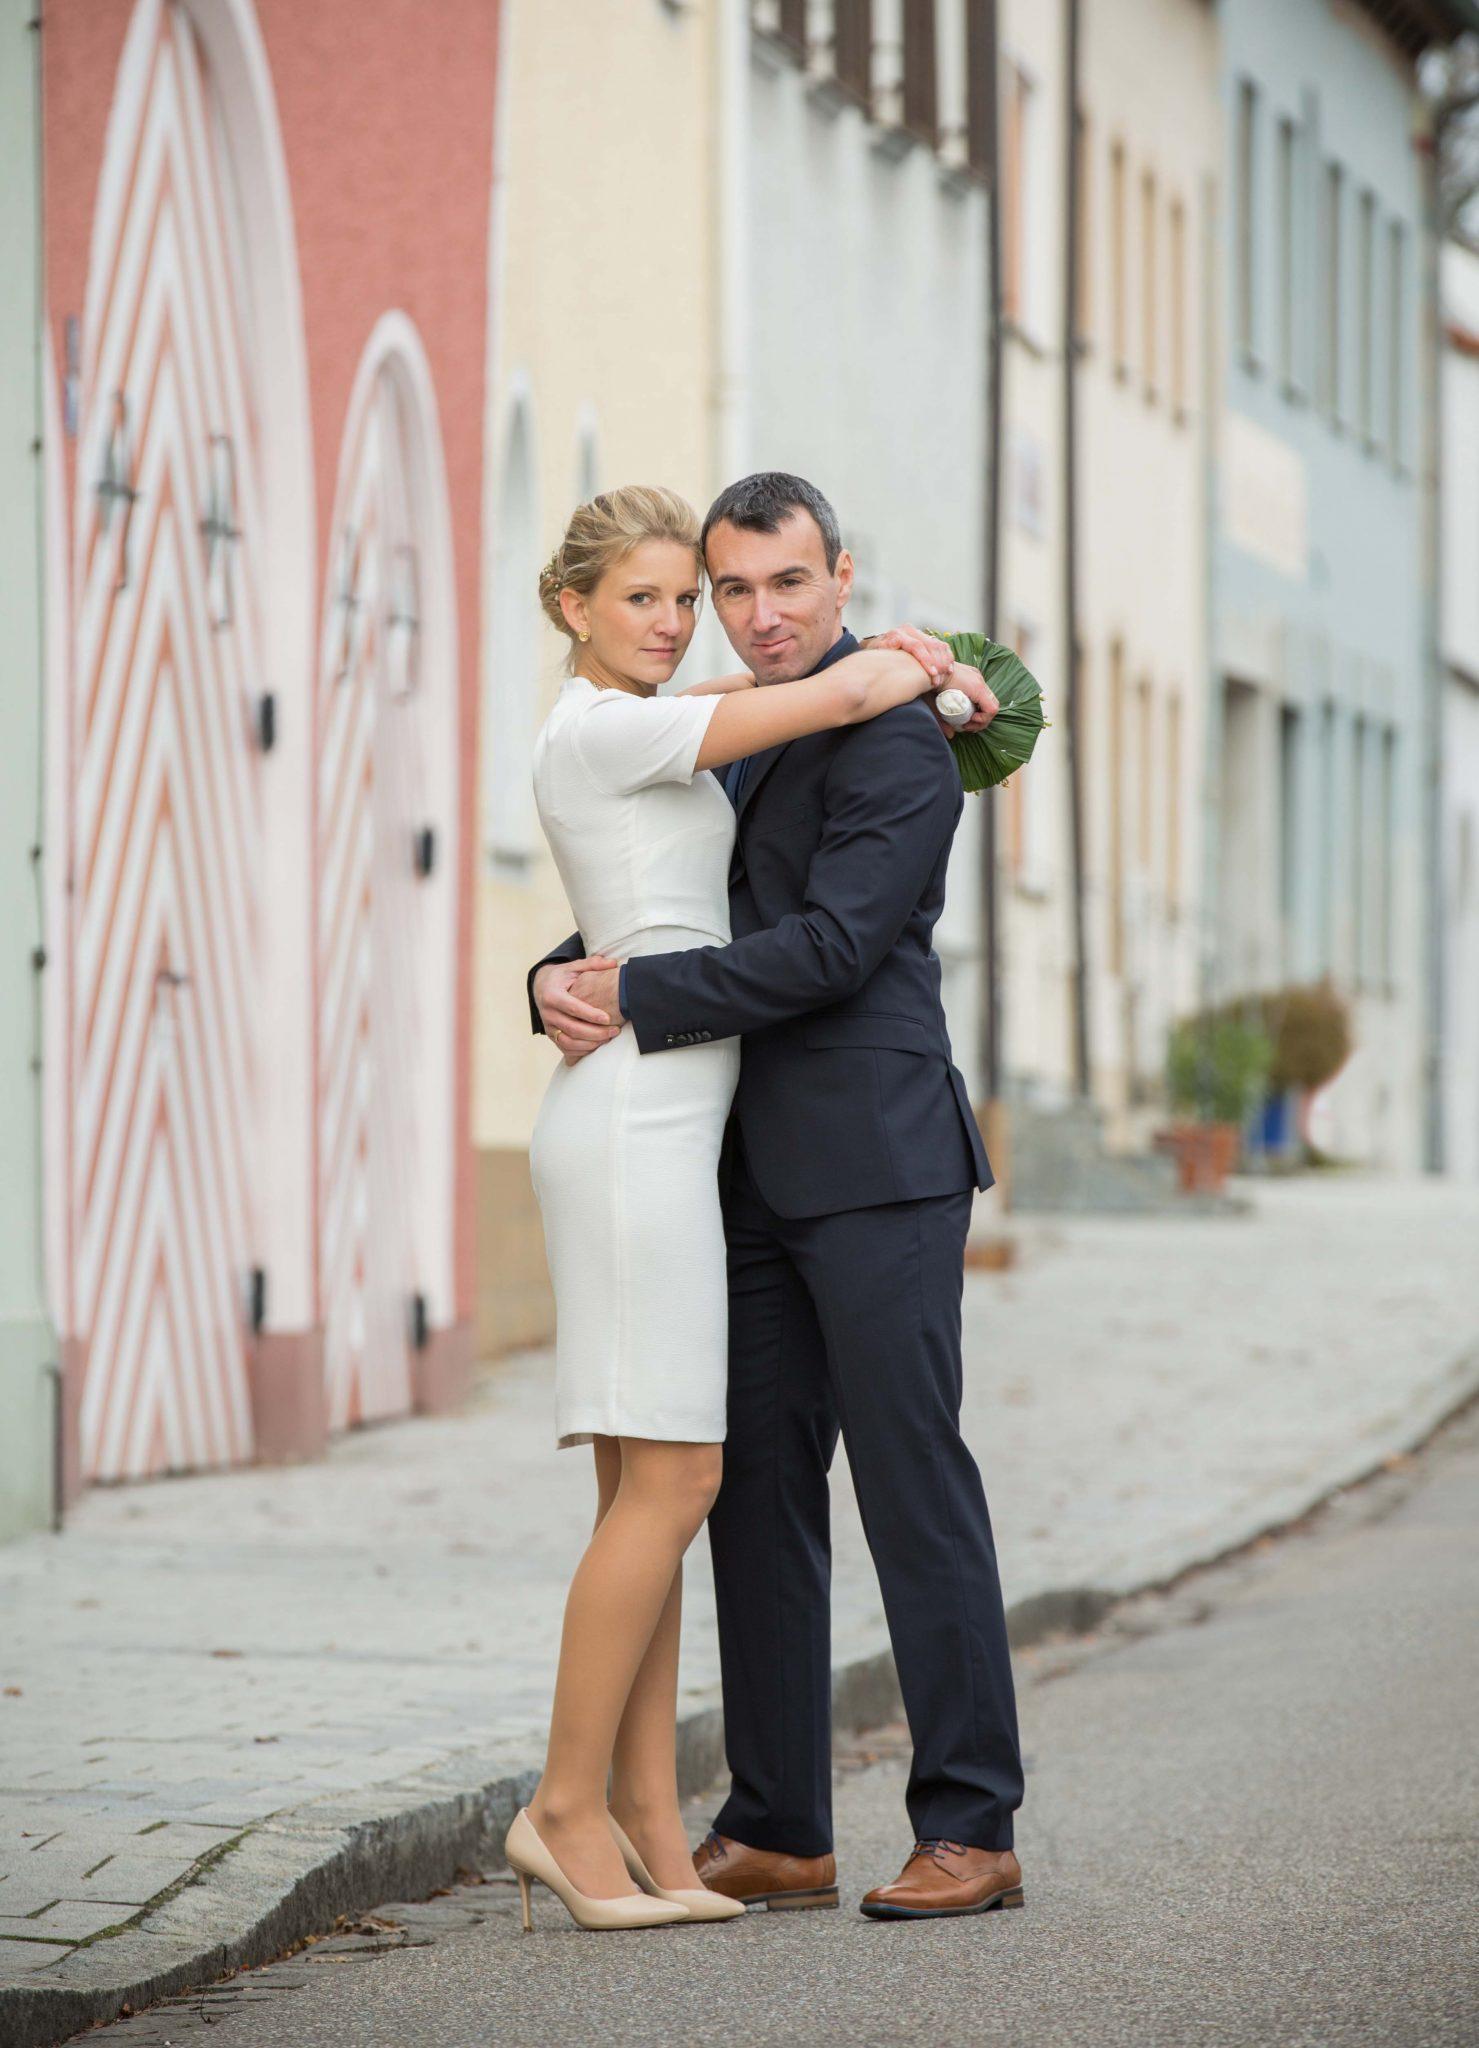 Standesamtliche Hochzeit Fotografie Andrea Wurm